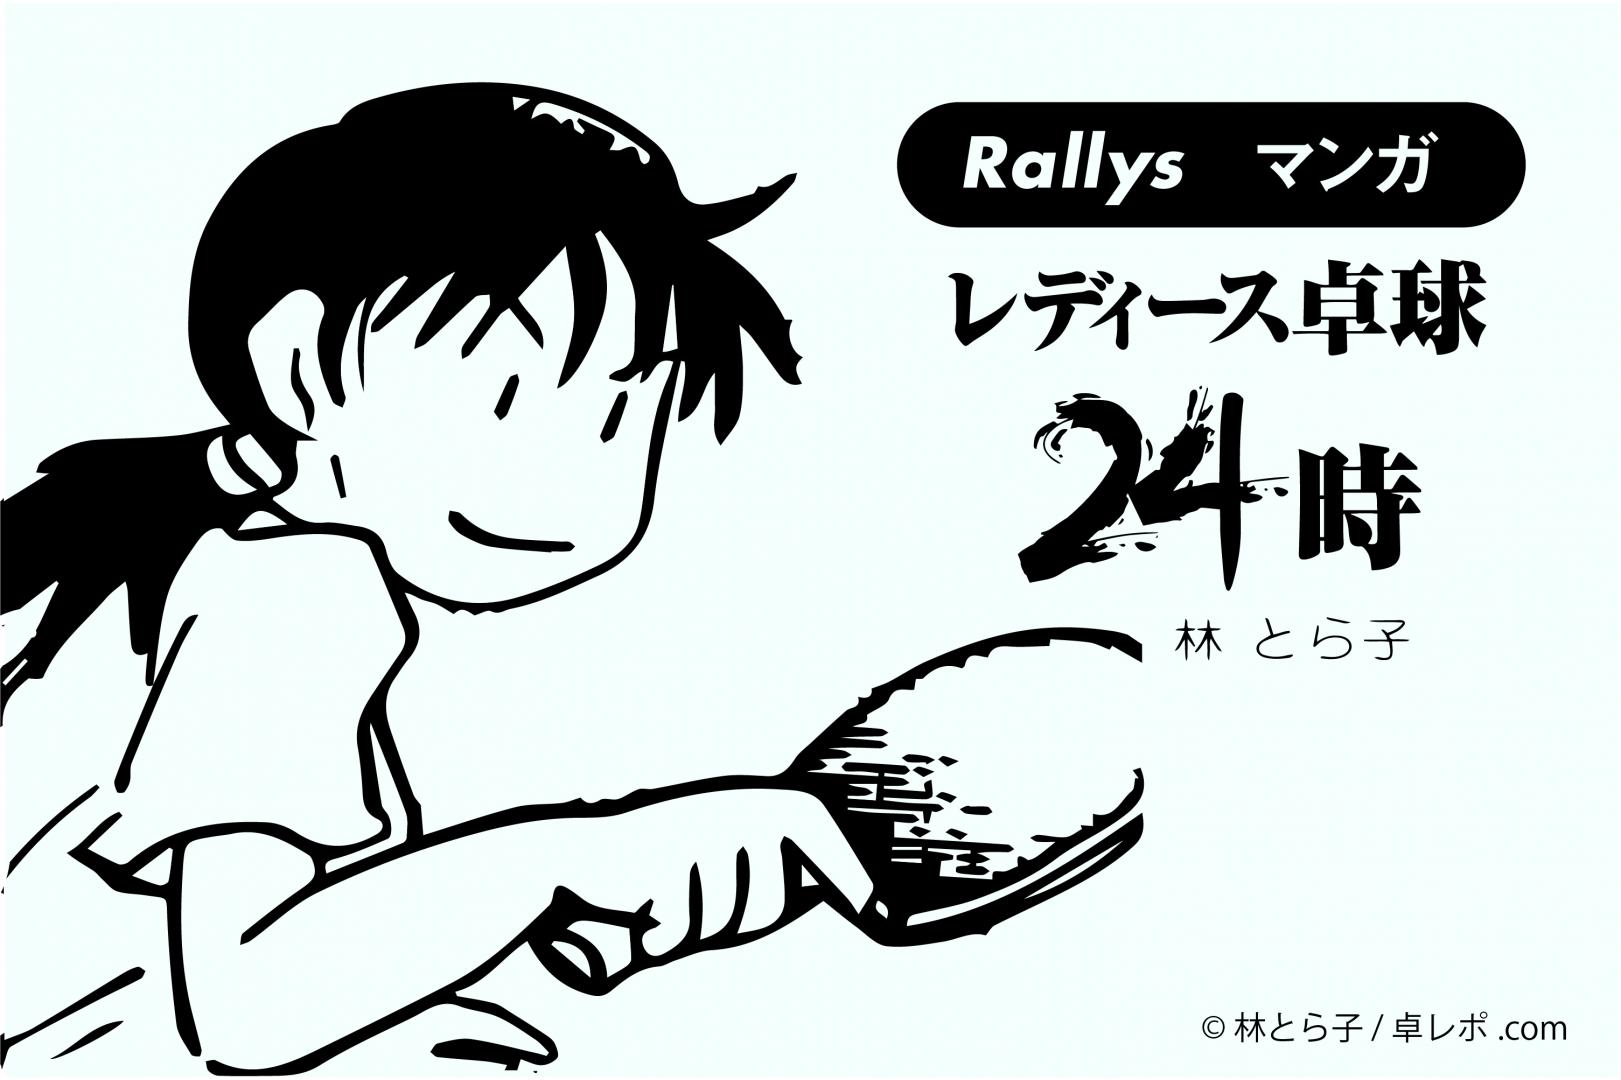 サバイバルゲーム?【卓球4コマ漫画・レディース卓球24時】